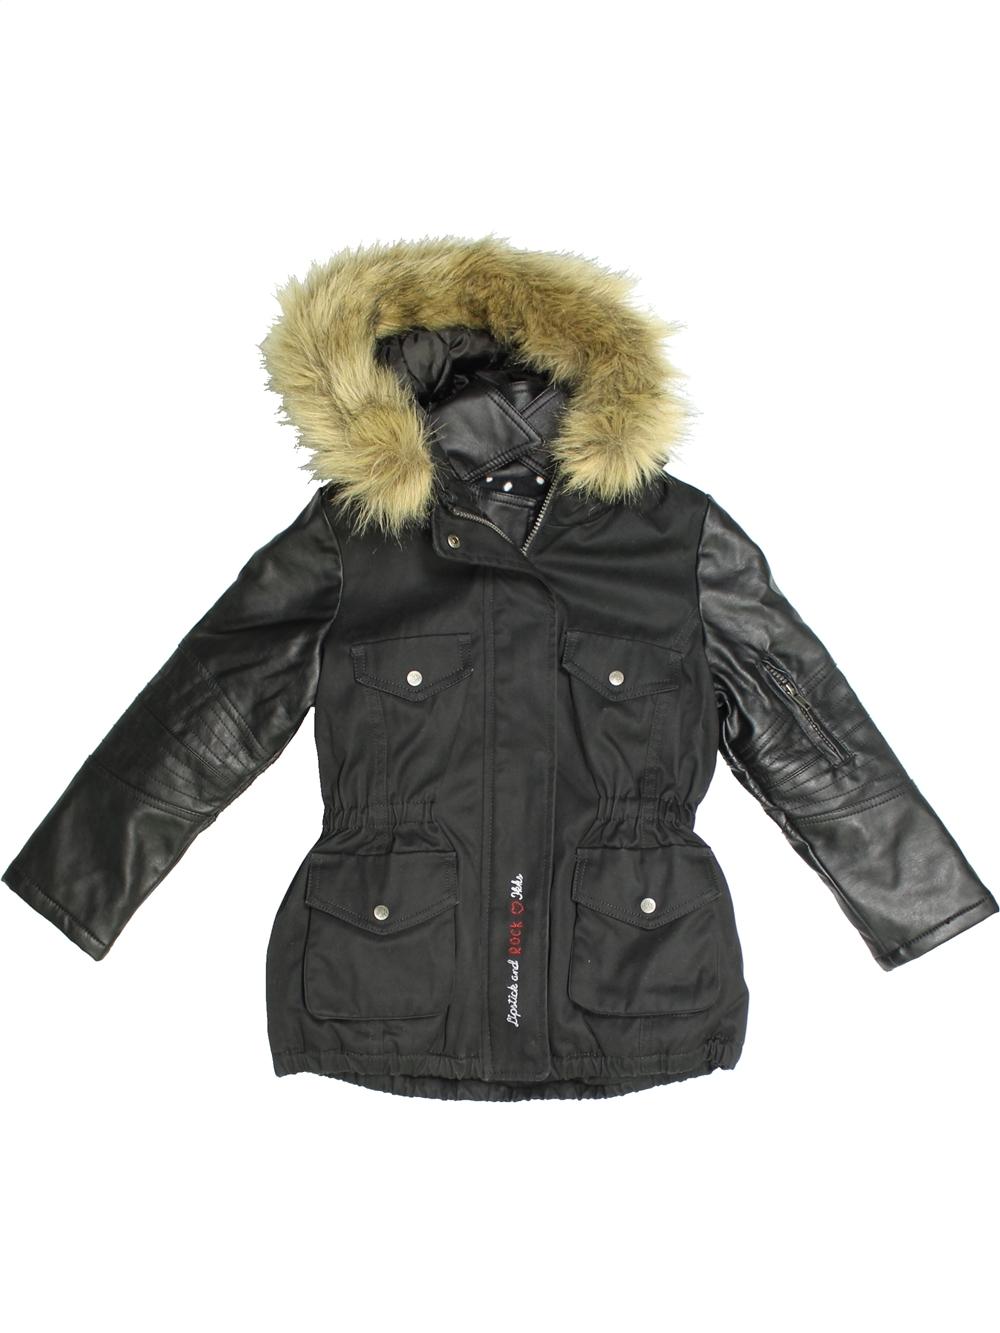 acheter populaire 1a2ee c642a Manteau Fille IKKS 6 ans pas cher, 24.13 € - #1119417